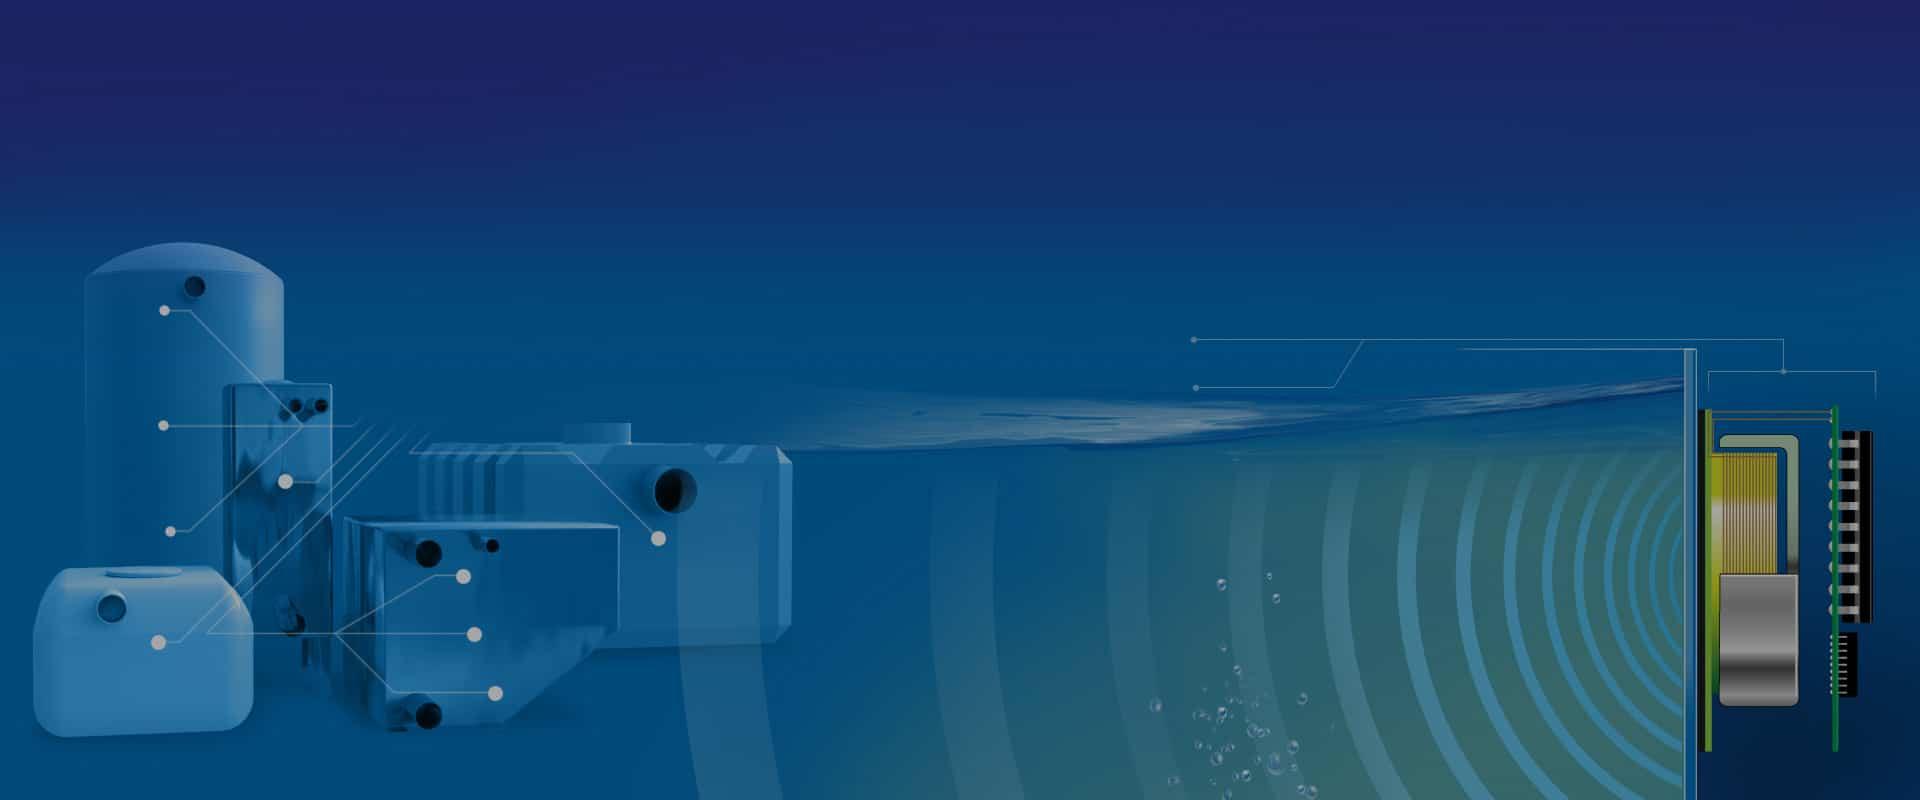 kopplingsschema tankmätare båt